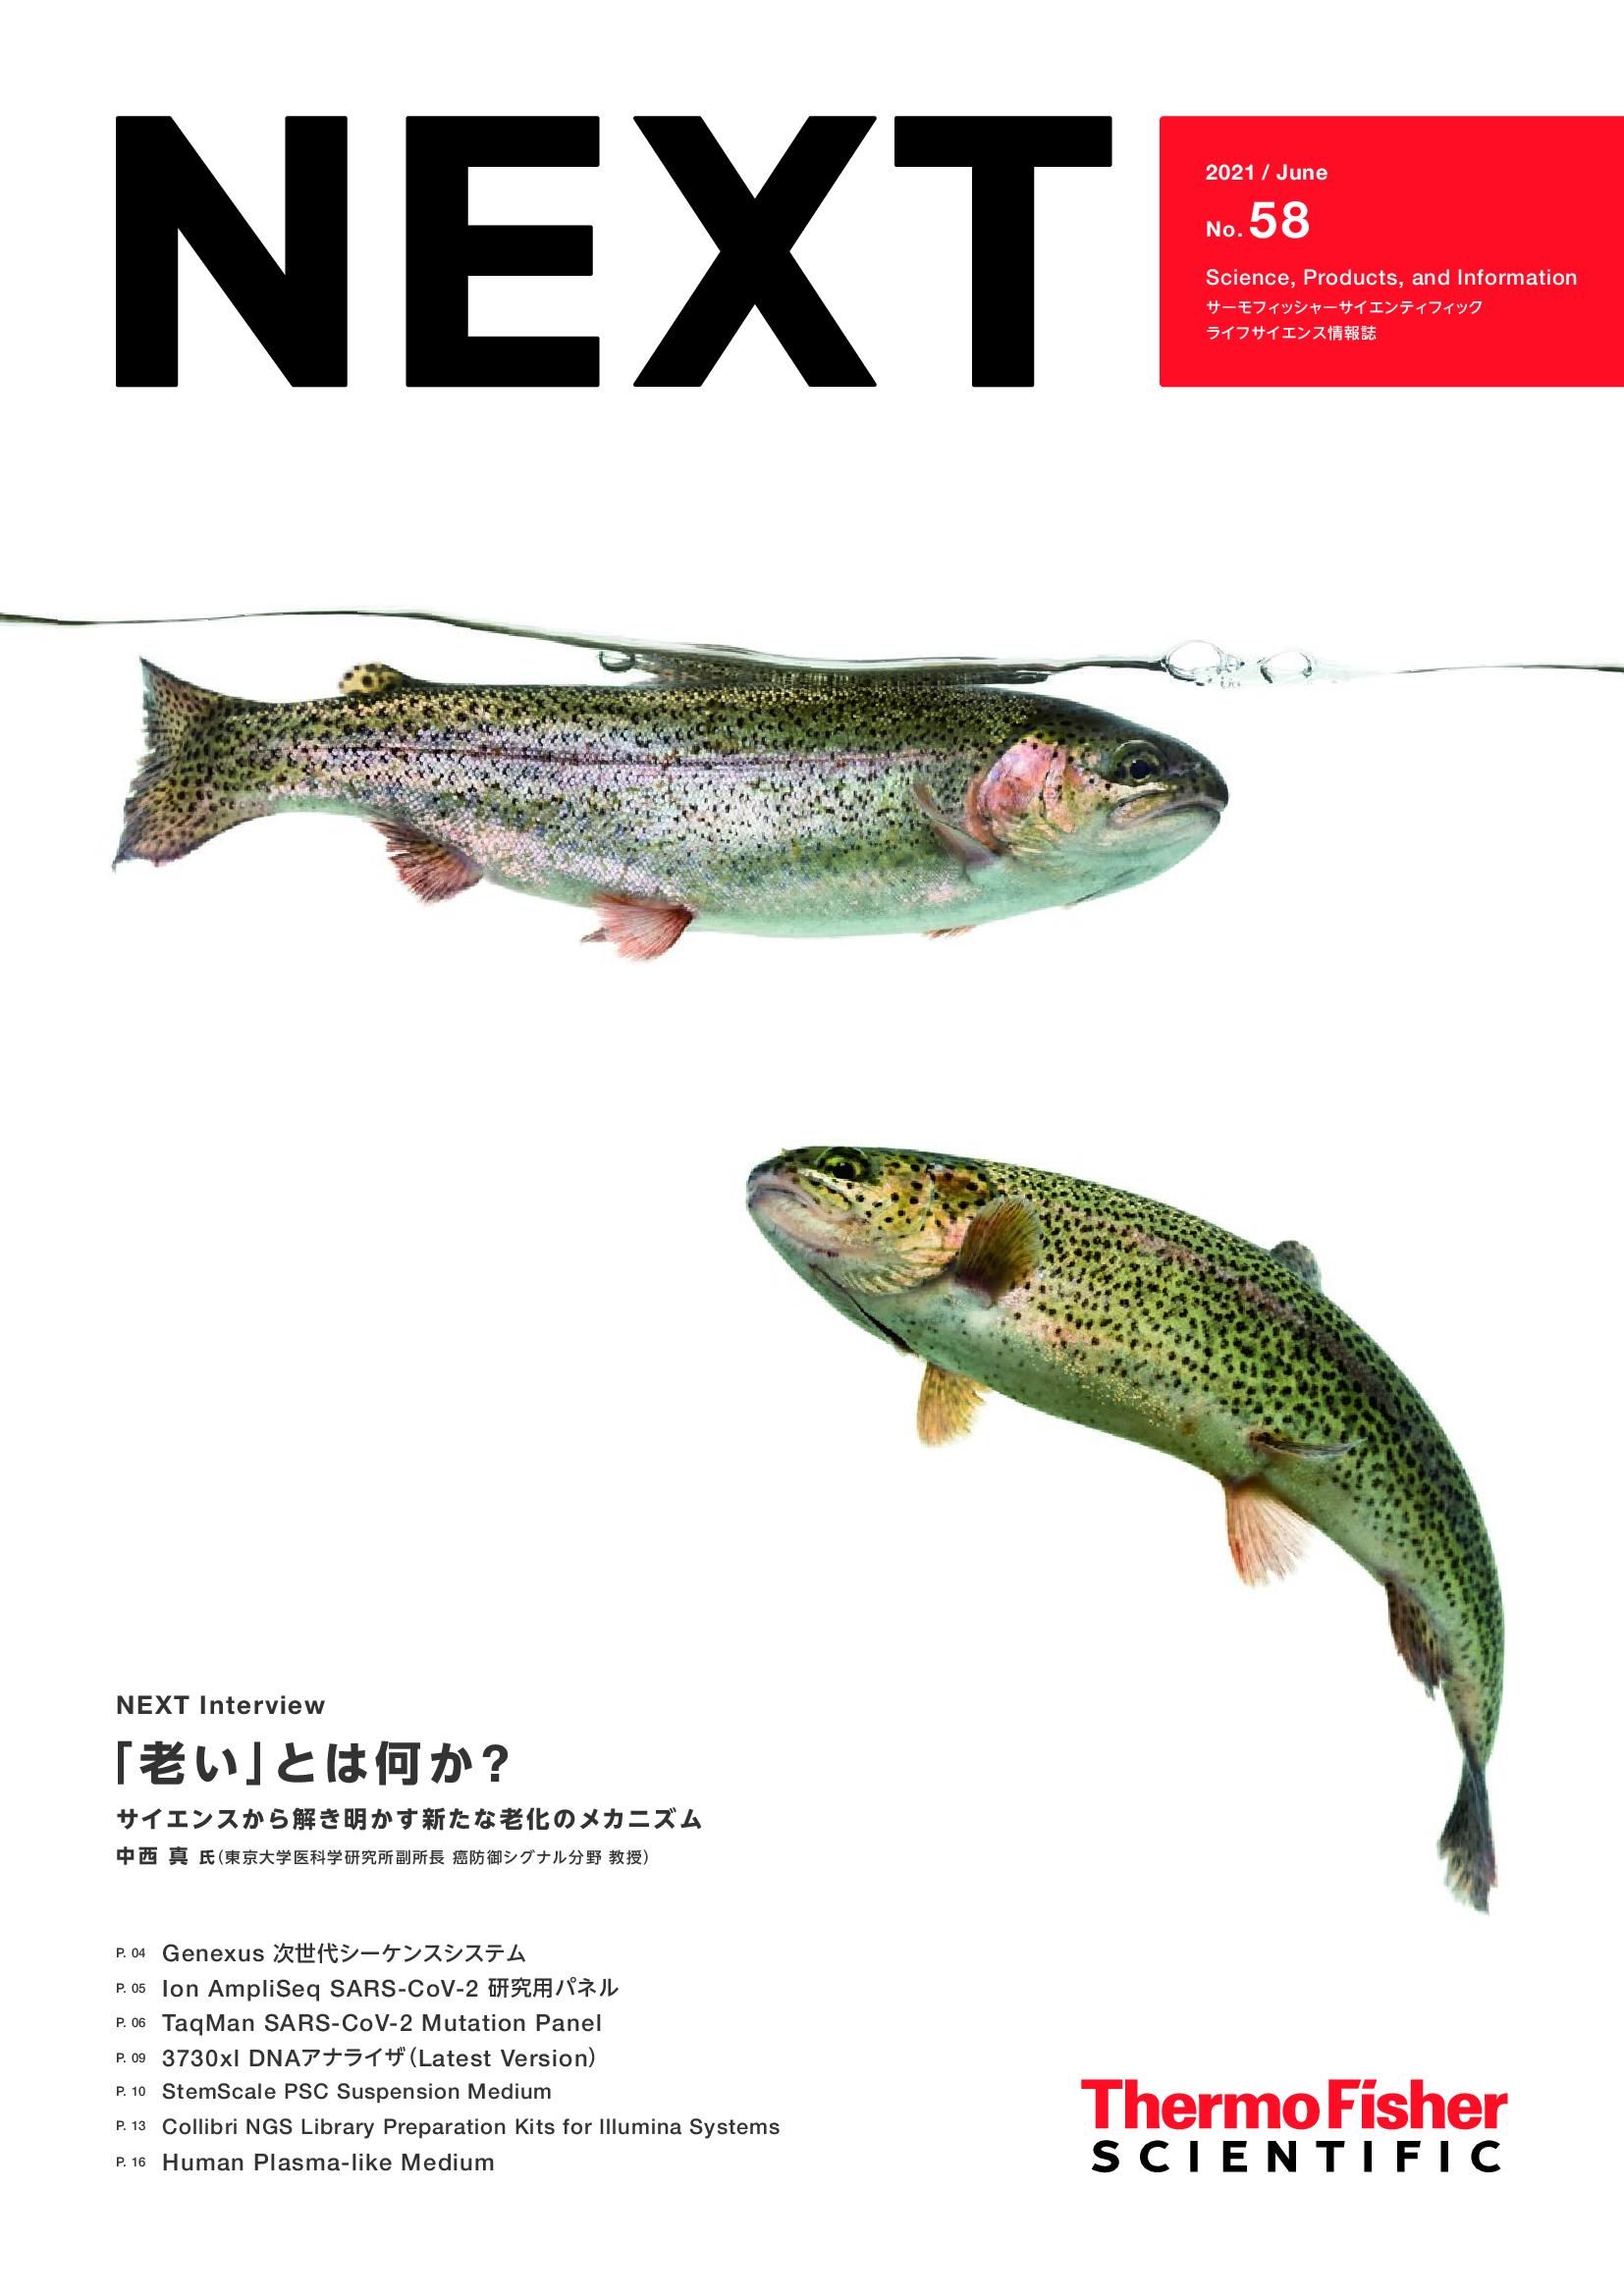 ライフサイエンス情報誌 NEXT 6月号【サーモフィッシャー 】